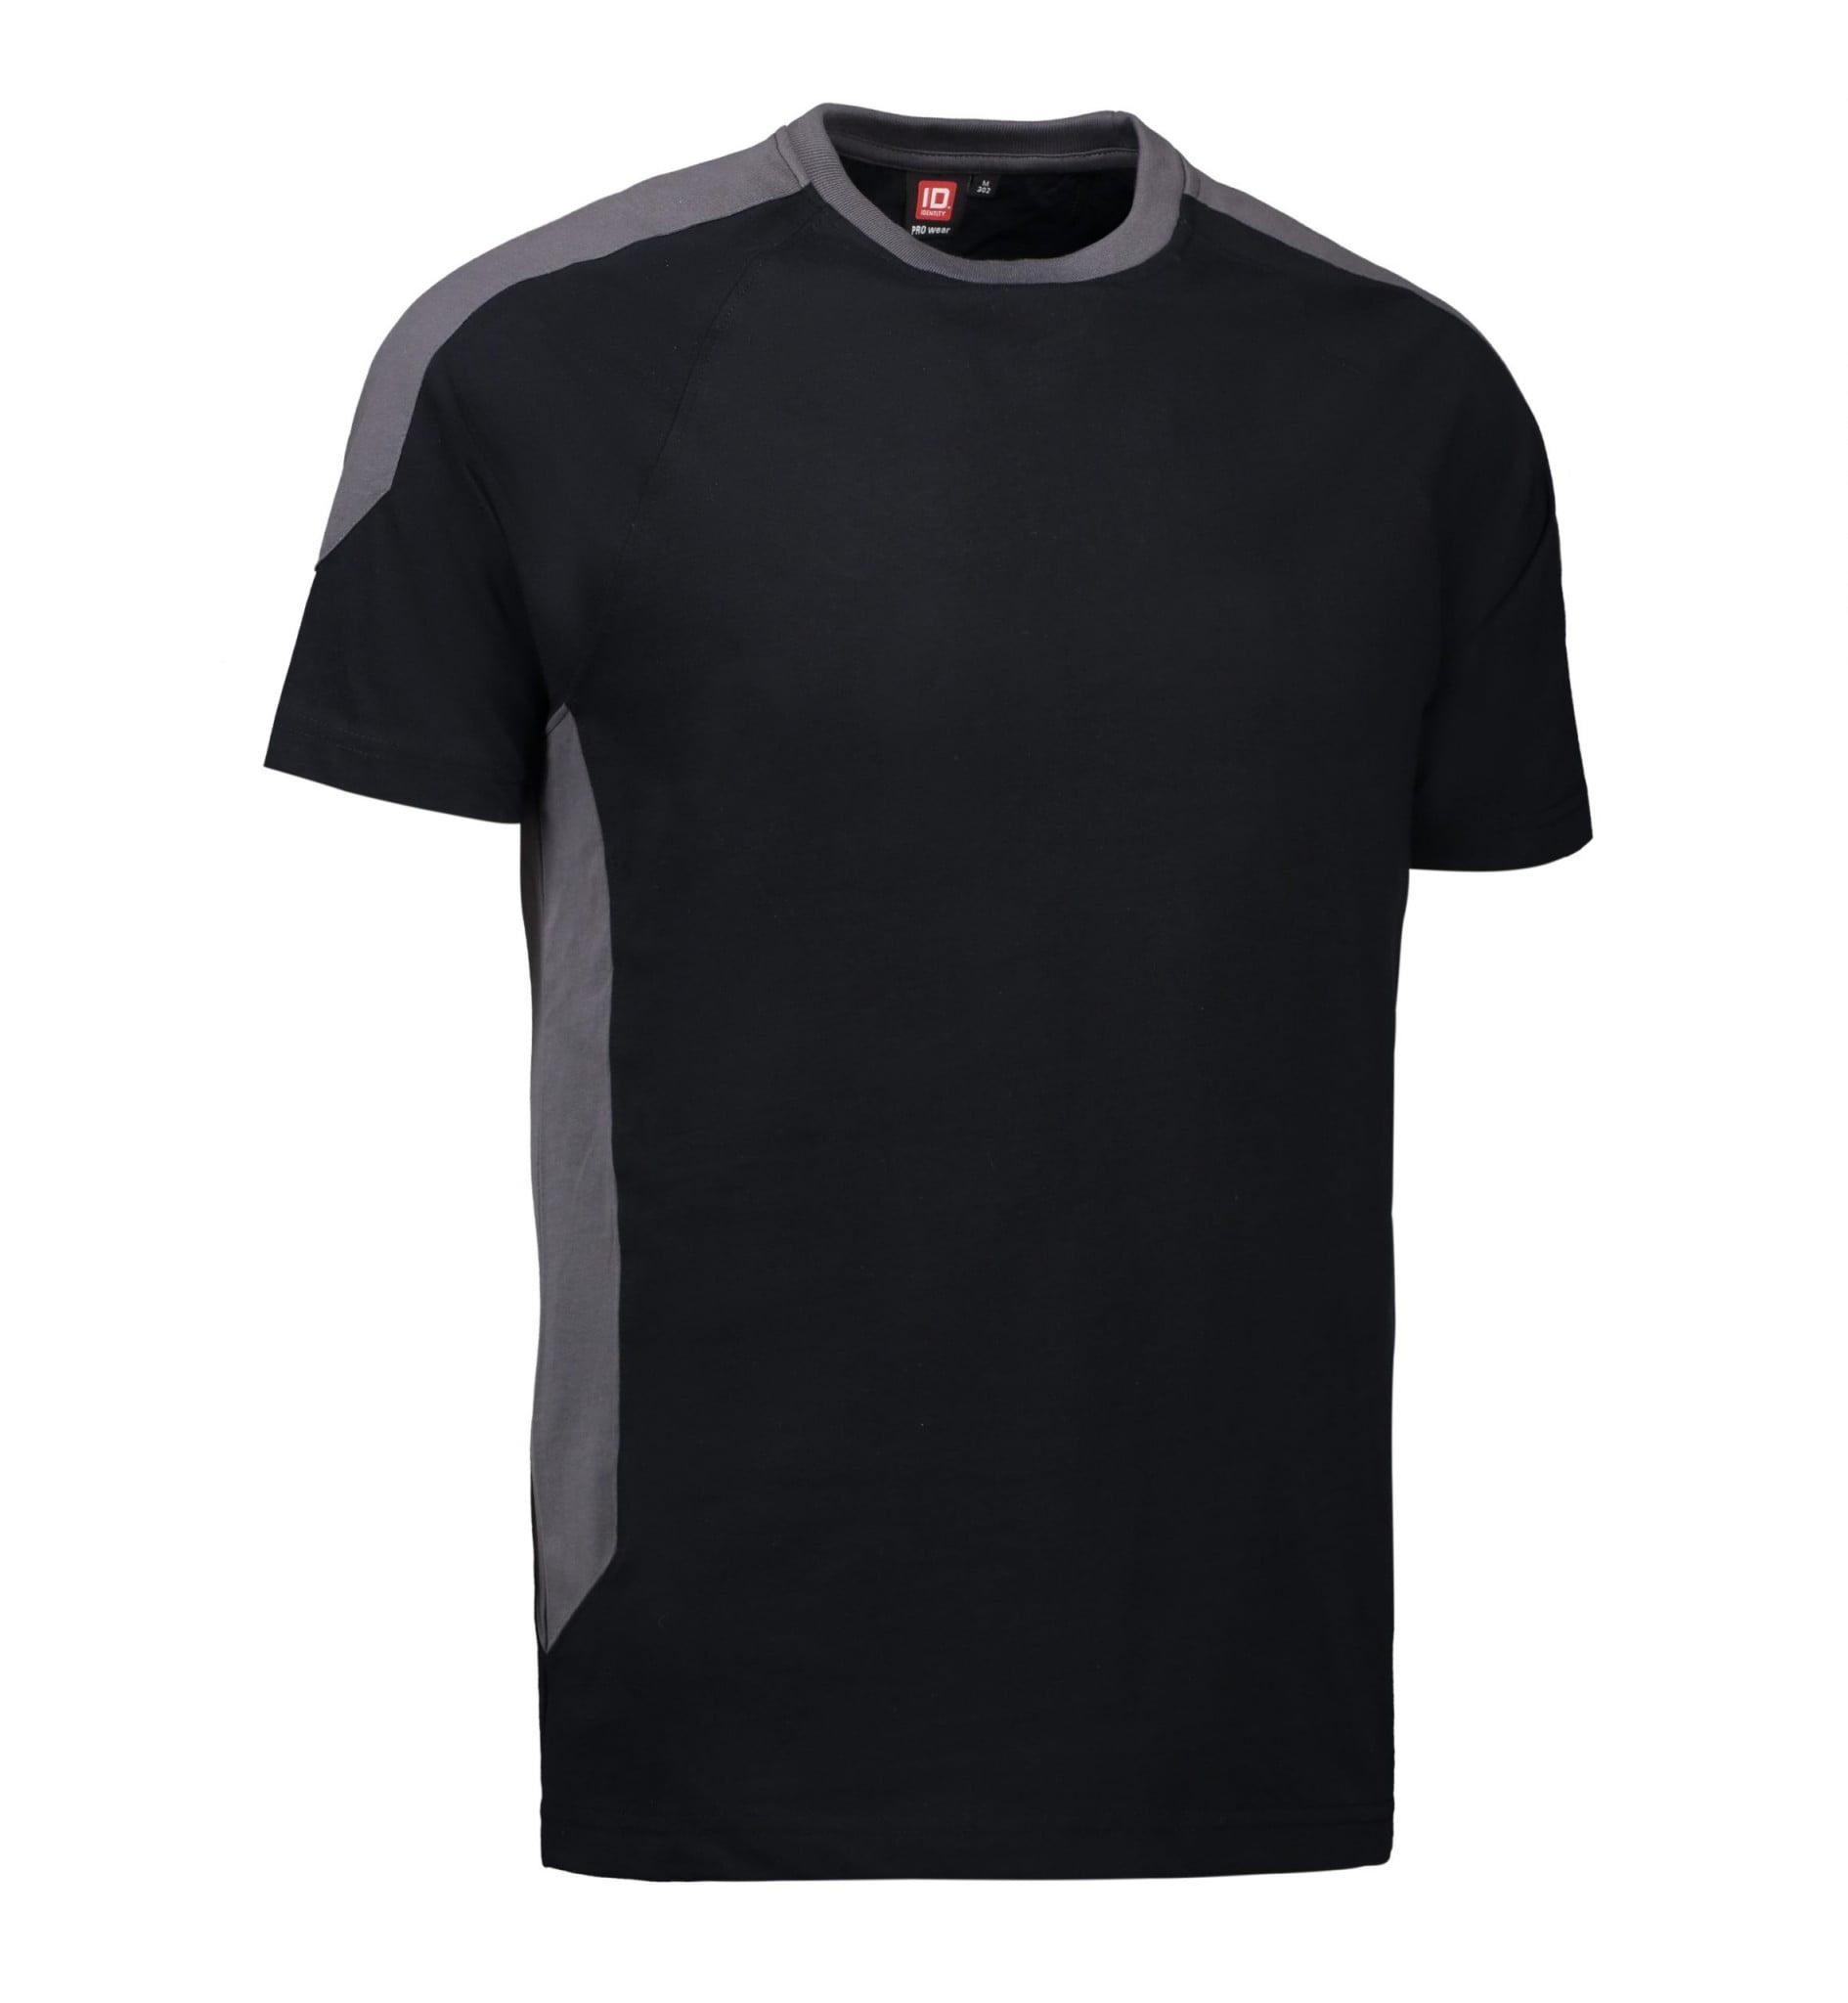 ID PRO Wear T-shirt kontrast herre sort